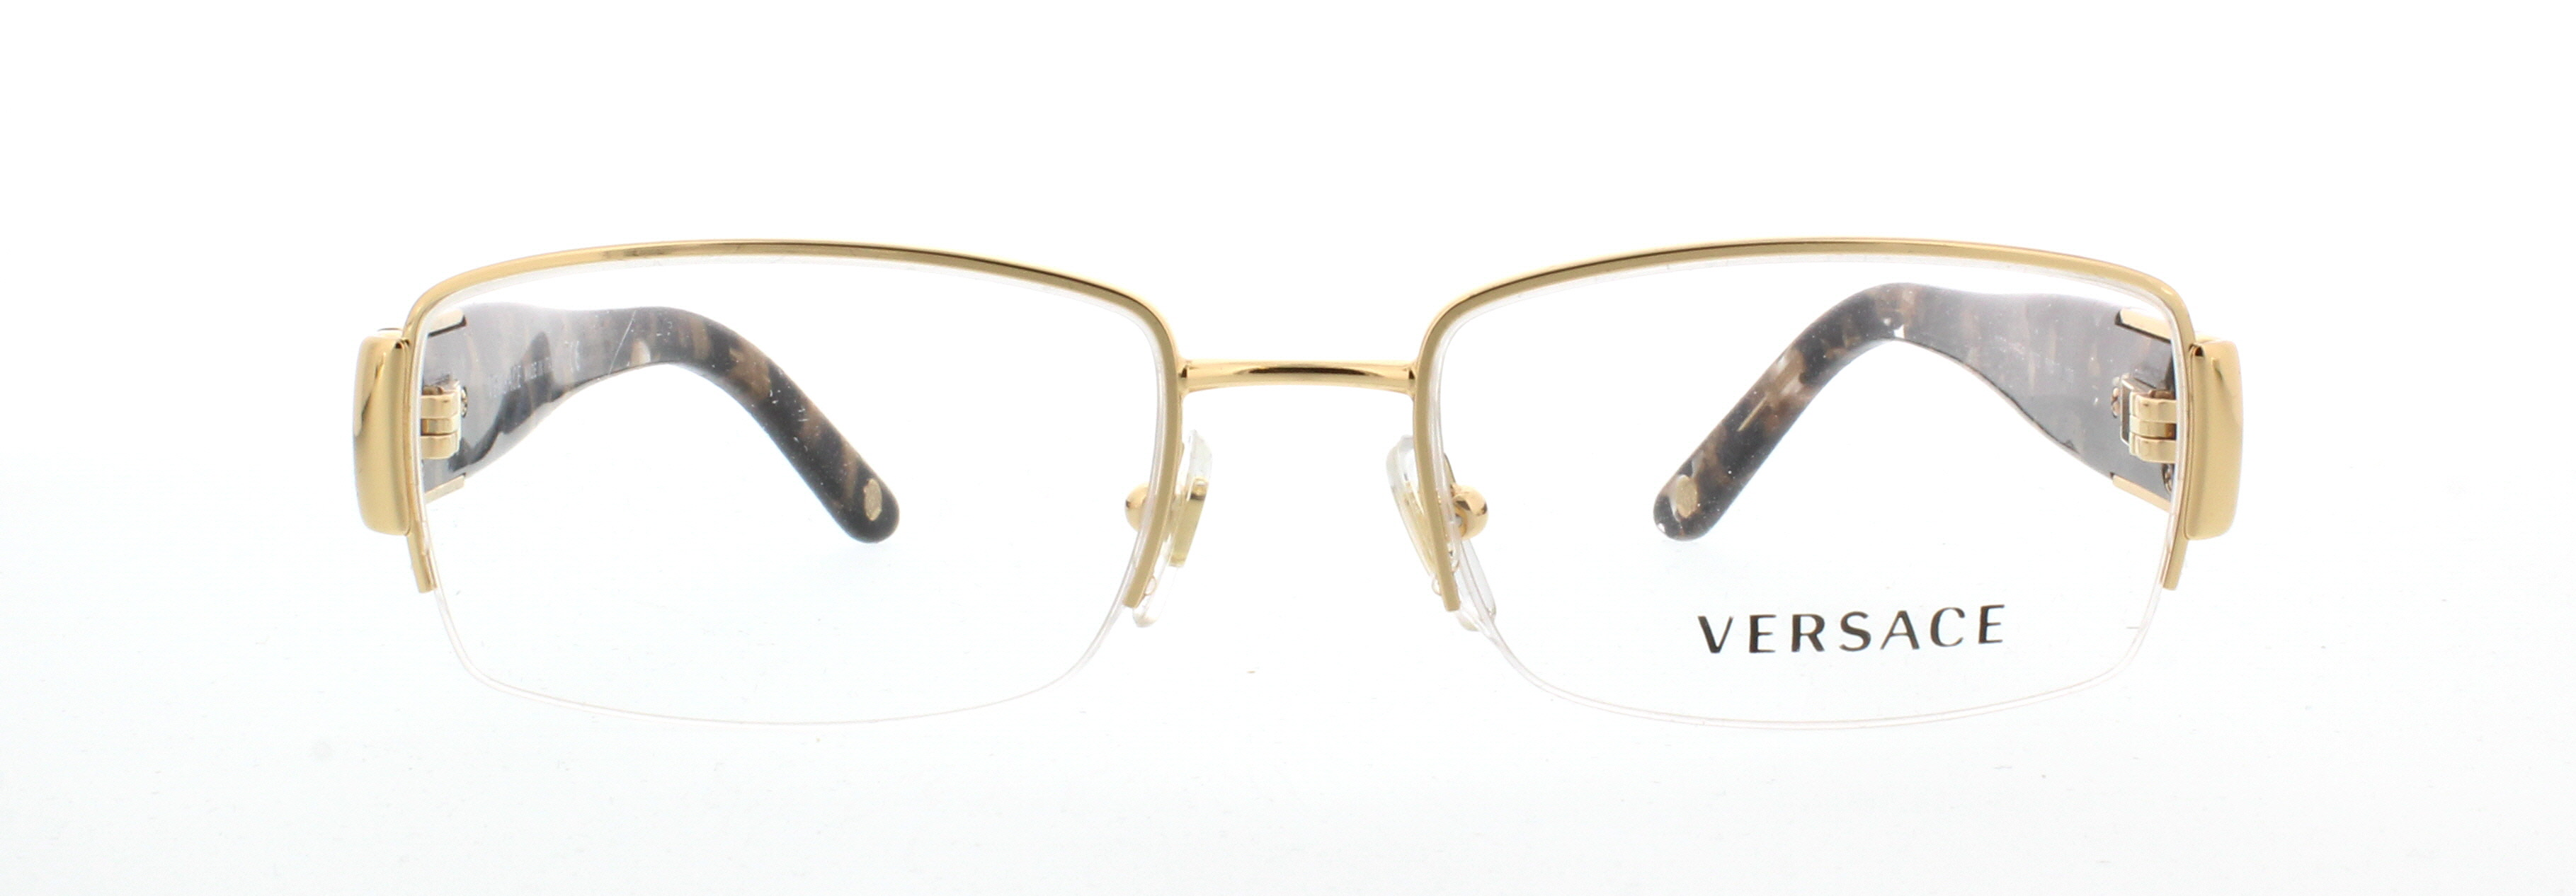 7c79469a565 Designer Frames Outlet. Versace VE1175B